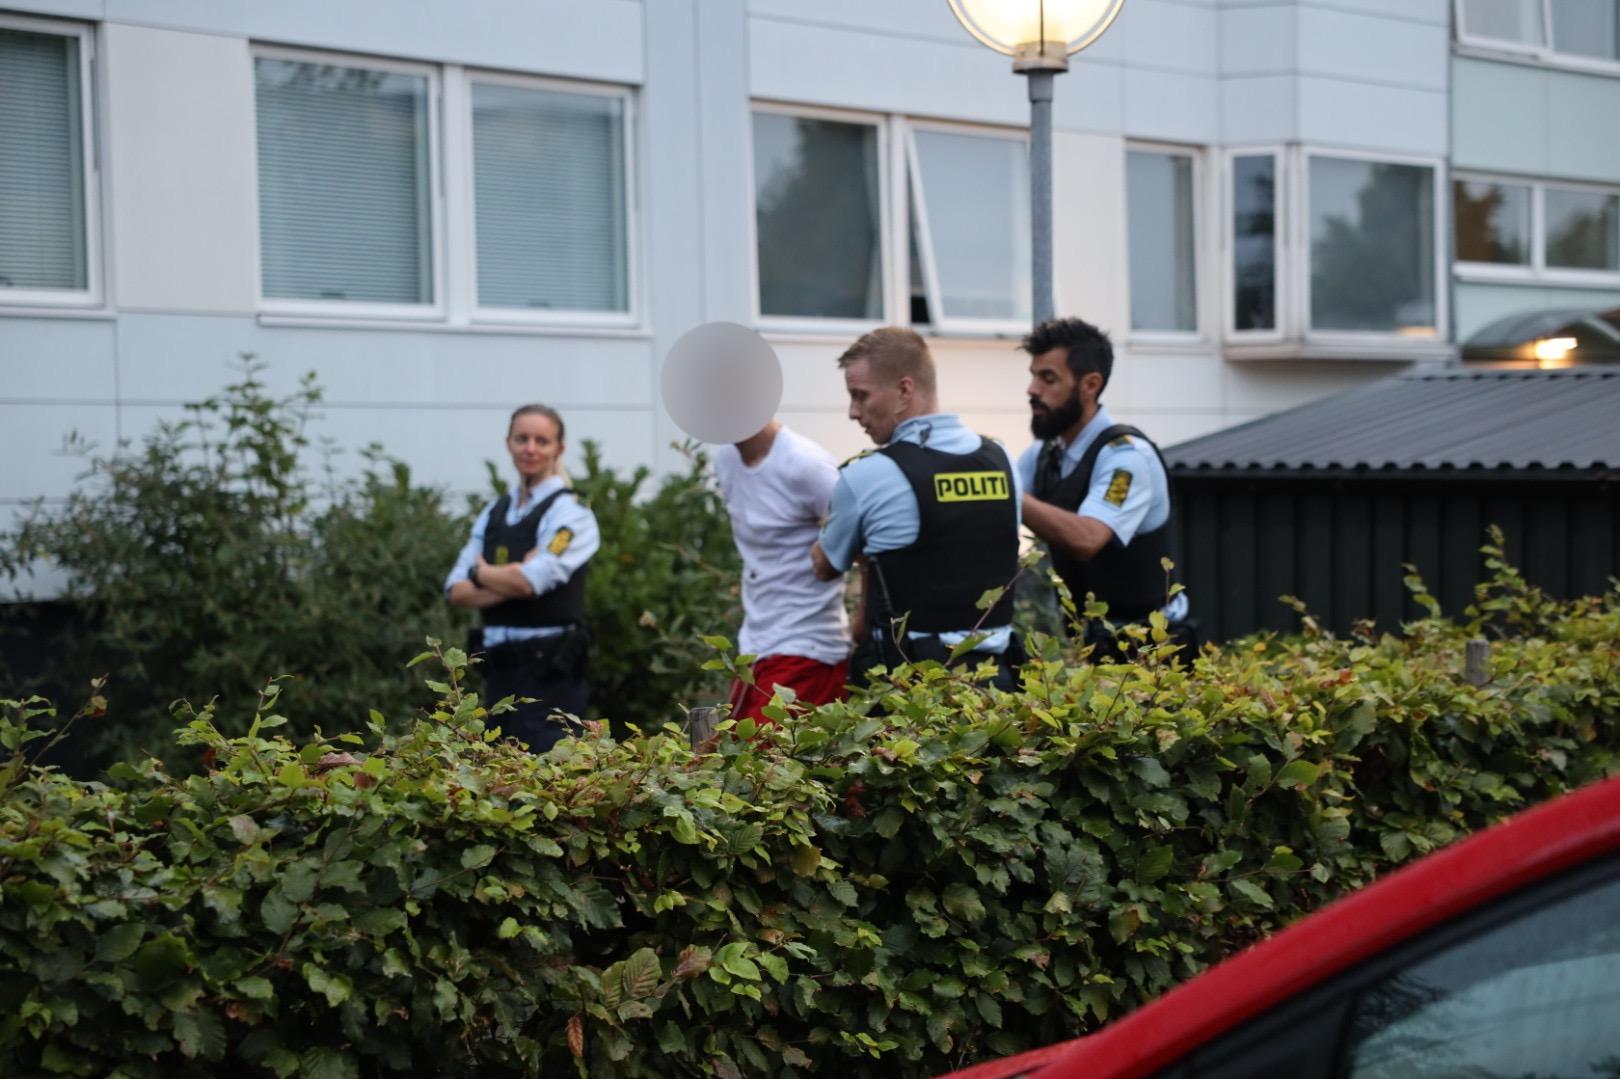 Flere anholdte i Ballerup - større politiaktion